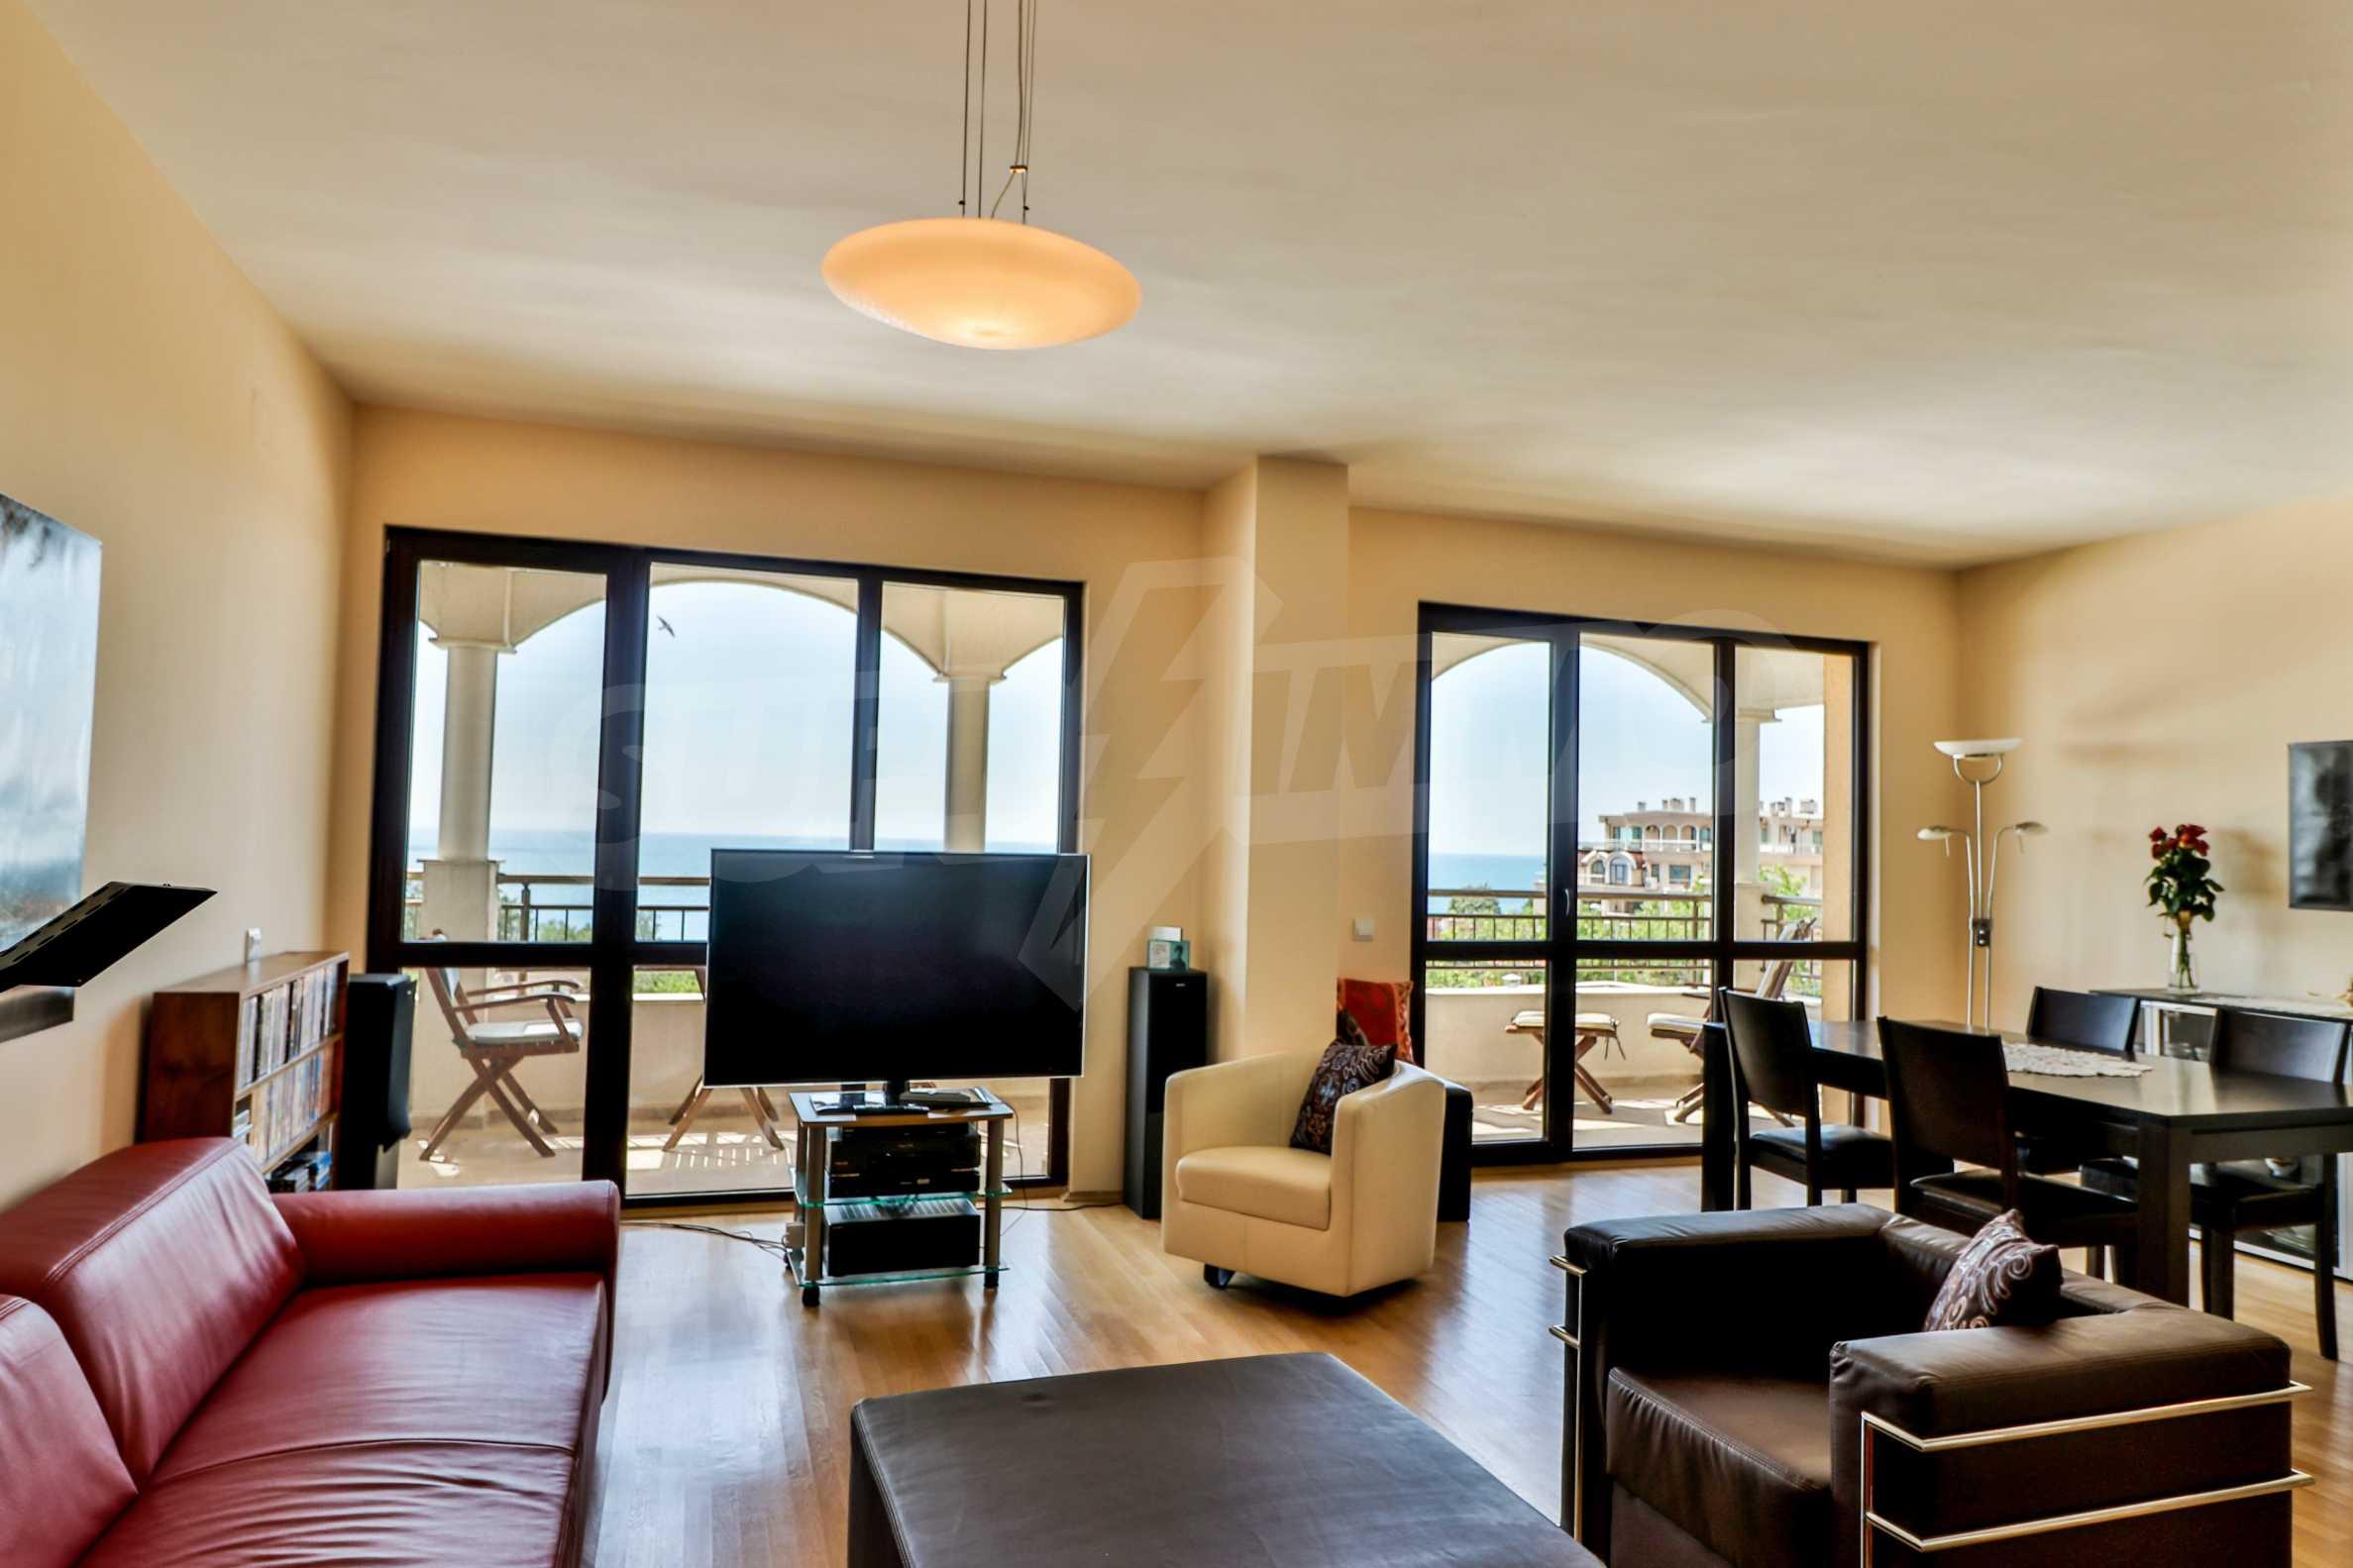 Модерен апартамент в местност Траката